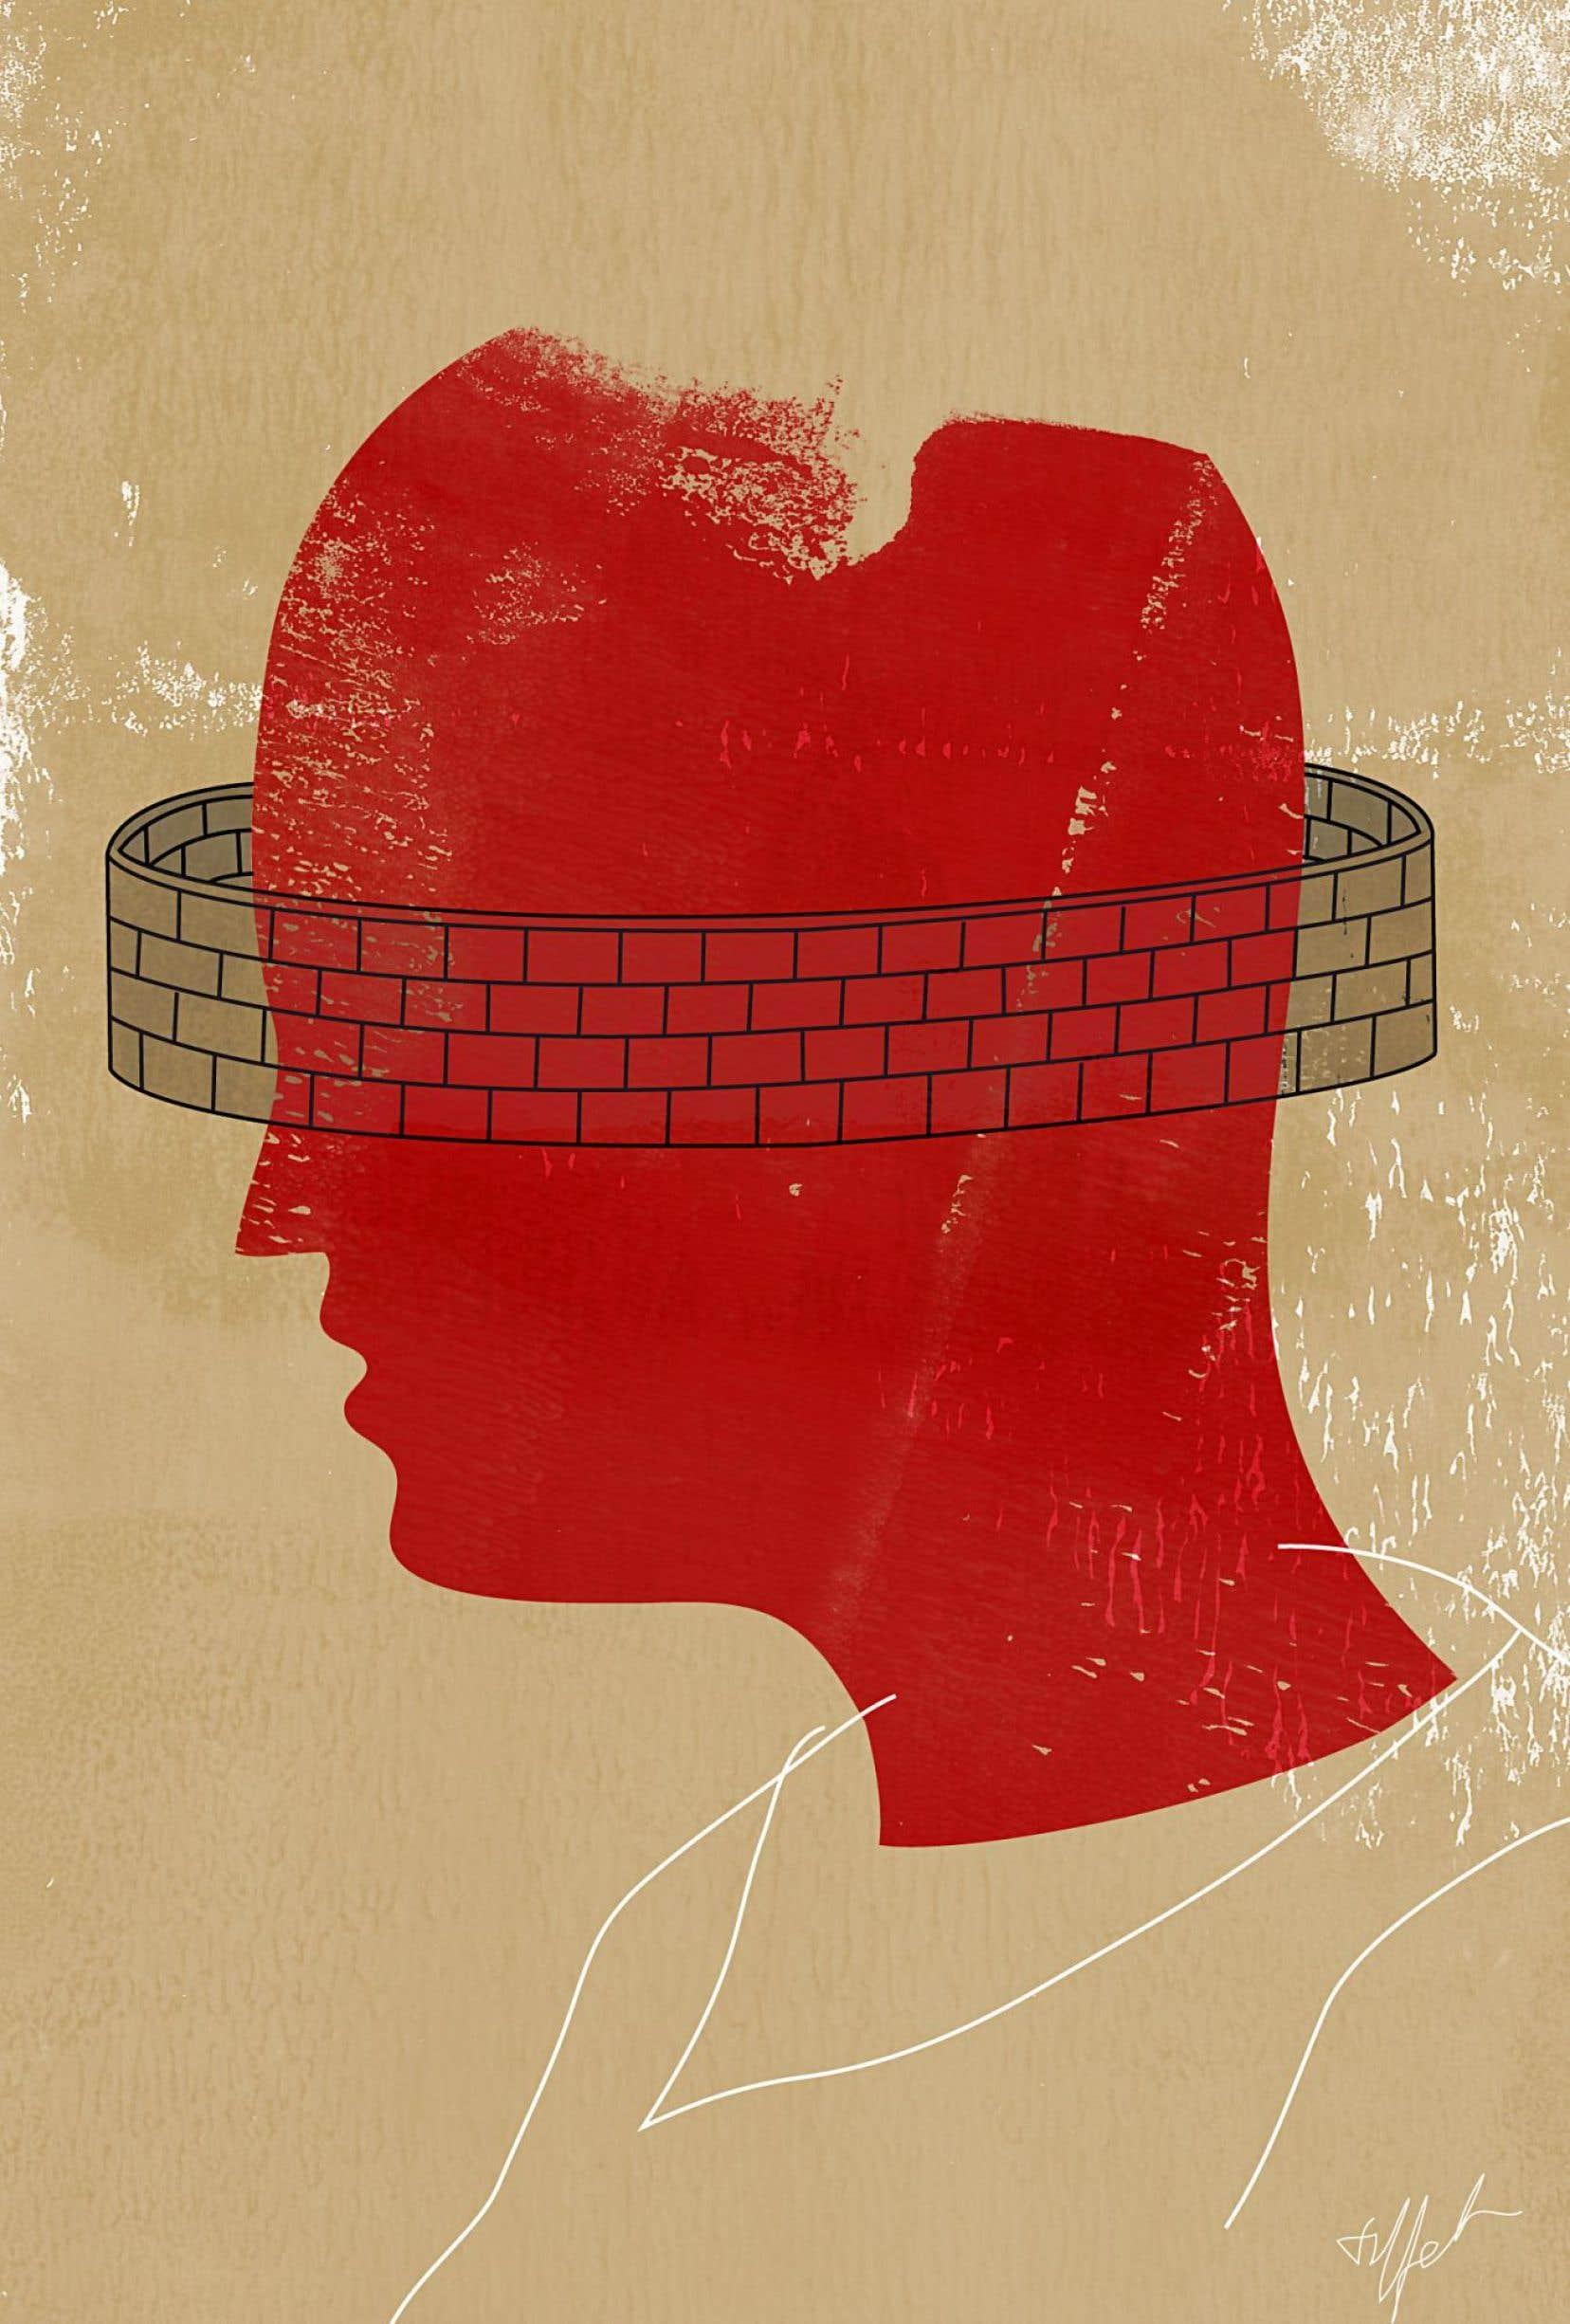 Tandis que certaines sociétés érigent des murs protecteurs, d'autres favorisent la chaîne humaine.